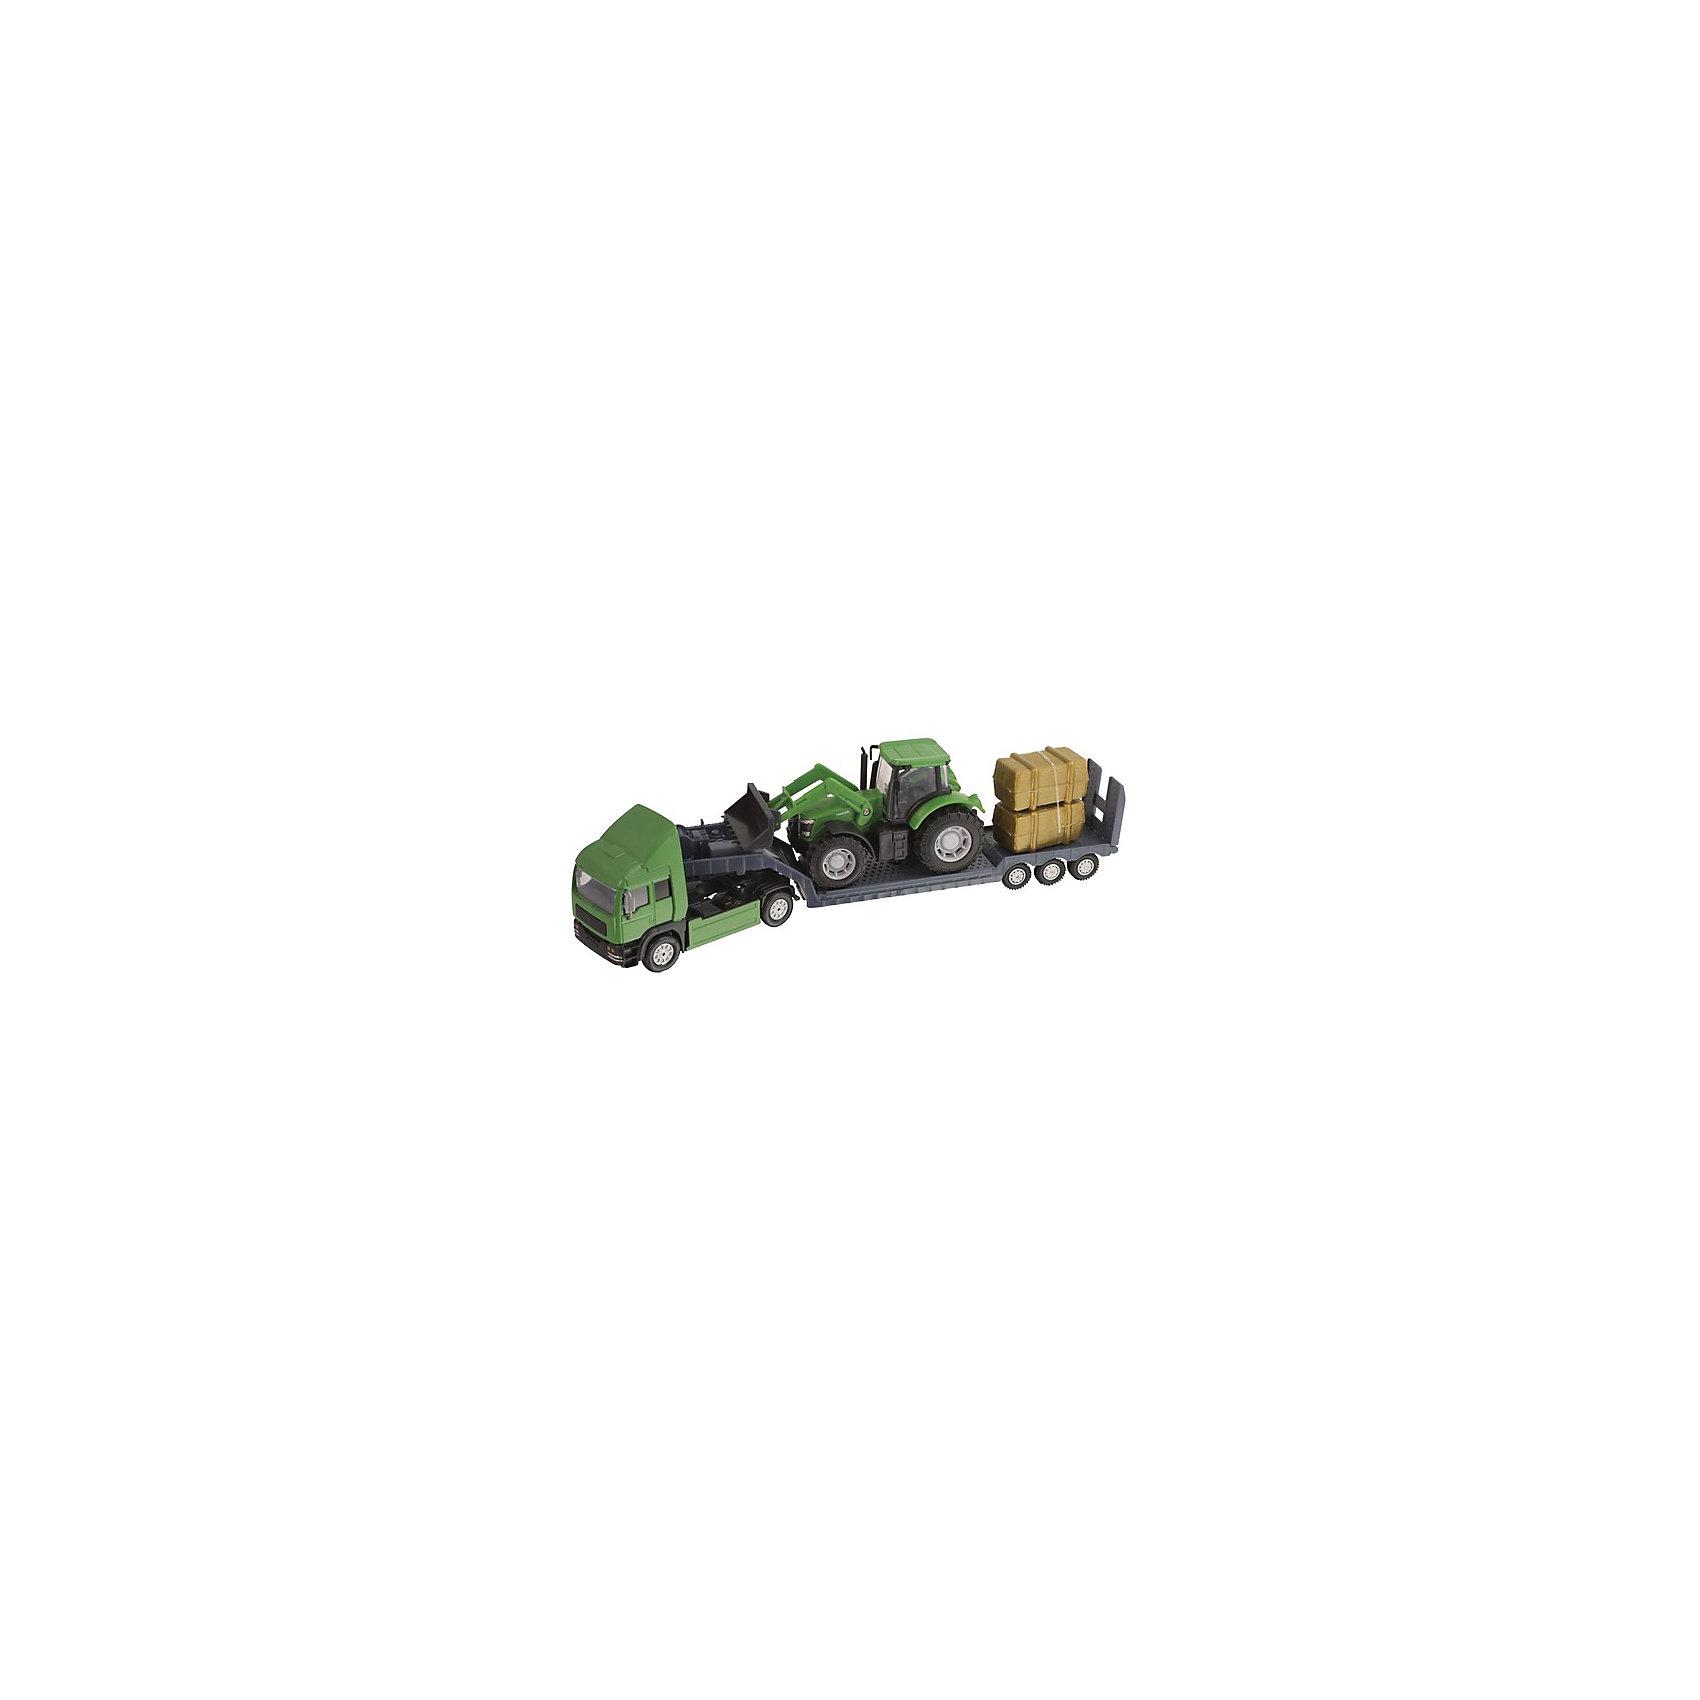 Грузовой автомобиль с трактором,  HTl GrоuрМашинки<br>Фермерский грузовой автомобиль от британского бренда HTI – это не просто очередная машинка в игрушечном гараже мальчишки. Это масштабная модель настоящего автомобиля. Высокая степень детализации, реалистичные цвета сделают ролевую игру наиболее увлекательной и познавательной для малыша от 3 лет. Кроме того, такой игровой набор сможет занять достойное место на полке коллекционера моделей.<br>Набор состоит из грузовика для перевозки техники, трактора, который предстоит перевозить и дополнительных материалов для транспортировки. <br><br>Дополнительная информация:<br><br>Комплект: грузовоз, трактор, 2 тюка сена.<br>Материал: пластик.<br>Размер: 7.3 x 10.8 x 34 см.<br><br>Грузовой автомобиль с трактором,  HTl Grоuр можно купить в нашем магазине.<br><br>Ширина мм: 34<br>Глубина мм: 7<br>Высота мм: 11<br>Вес г: 260<br>Возраст от месяцев: 36<br>Возраст до месяцев: 96<br>Пол: Мужской<br>Возраст: Детский<br>SKU: 4574040